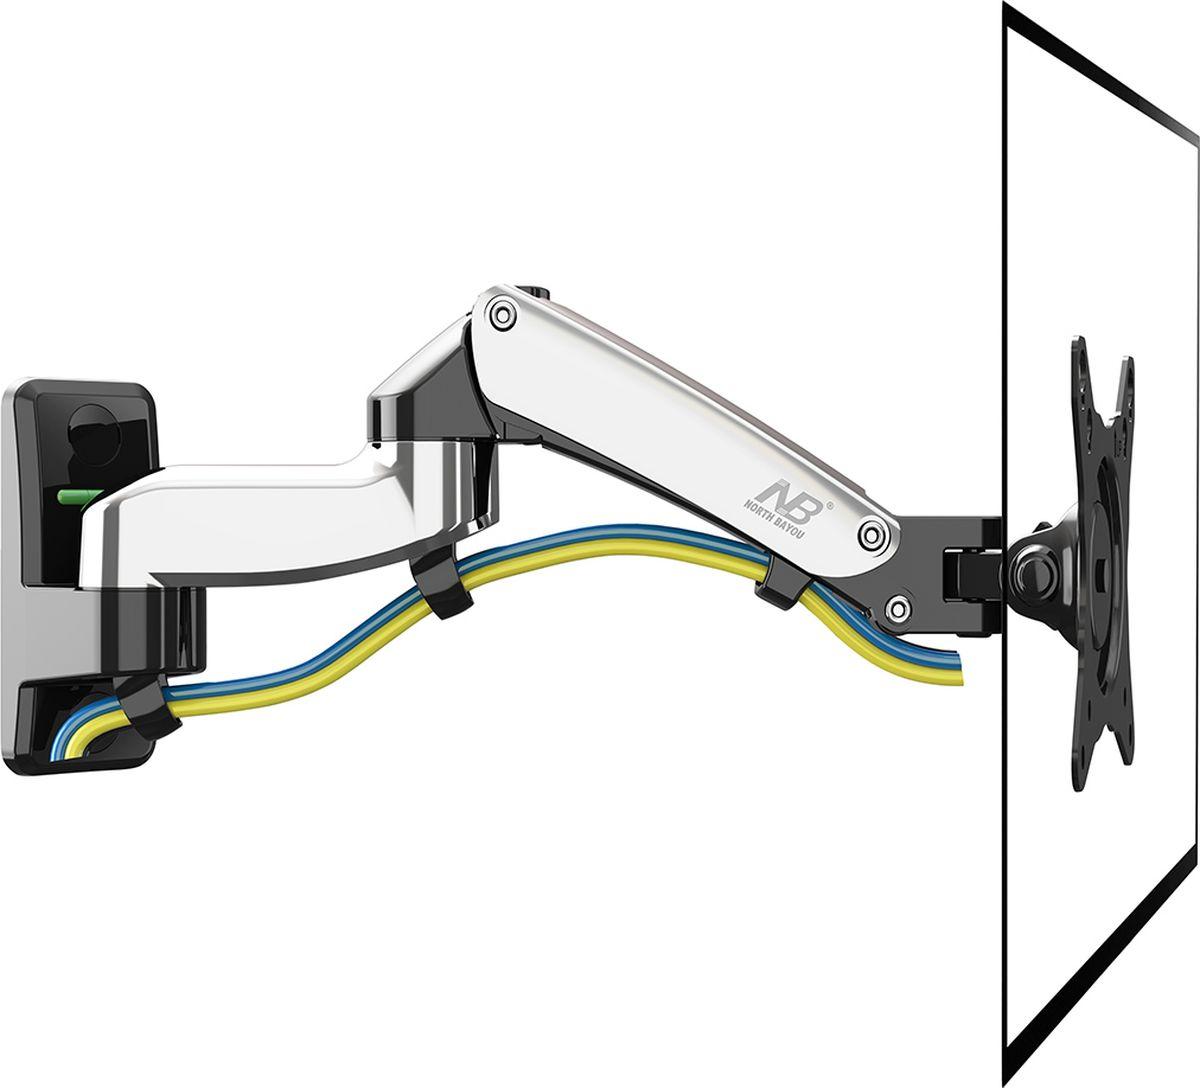 North Bayou NB F150, Chrome кронштейнNB F150 хромированныйНастенный наклонно-поворотный кронштейн с регулировкой по высоте North Bayou NB F150 подходит длятелевизоров сдиагональю 17-27 и является самым компактным и лёгким из линейки кронштейнов NB серии F с тремя степенямисвободы, выделяясь тем, что рассчитан на небольшие телевизоры с весом от 2 до 7 кг. Благодаря встроеннойгазовой пружине вы можете с лёгкостью перемещать телевизор не только влево и вправо, но и вверх и вниз, приэтом не прилагая усилий и не производя дополнительной фиксации. Именно технологии надёжных осевыхсоединений с газовой пружиной позволят вам отрегулировать положение телевизора для самого комфортногопросмотра.